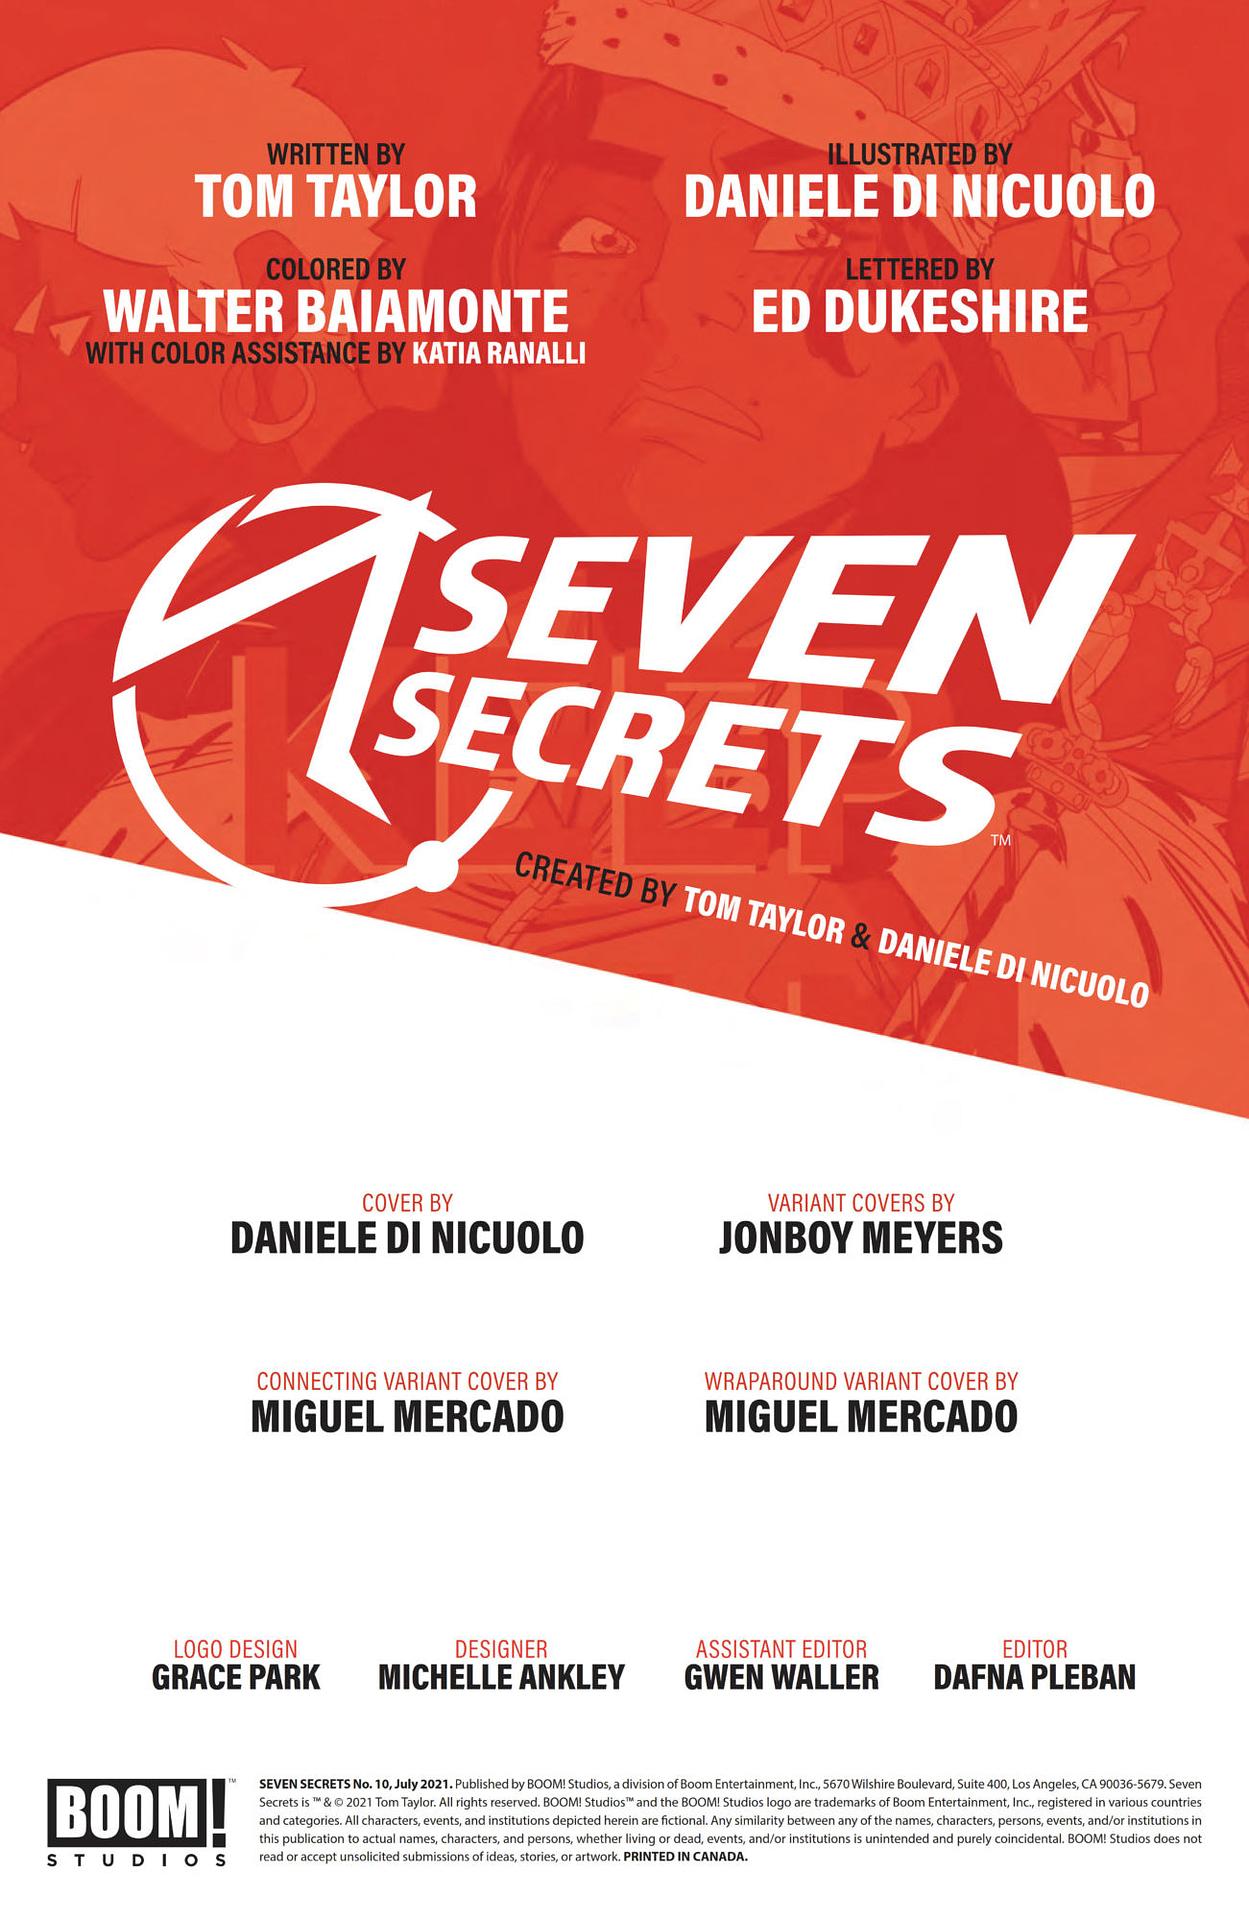 Interior preview page from SEVEN SECRETS #10 CVR A DI NICUOLO